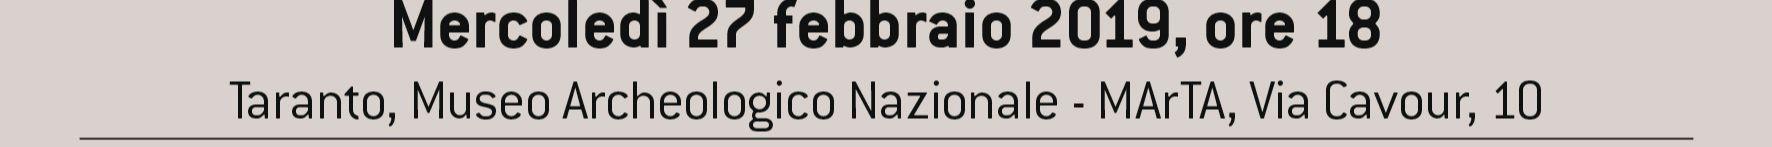 Mercoledì 27 febbraio 2019, ore 18 | Taranto, Museo Archeologico Nazionale - MArTA, Via Cavour, 10